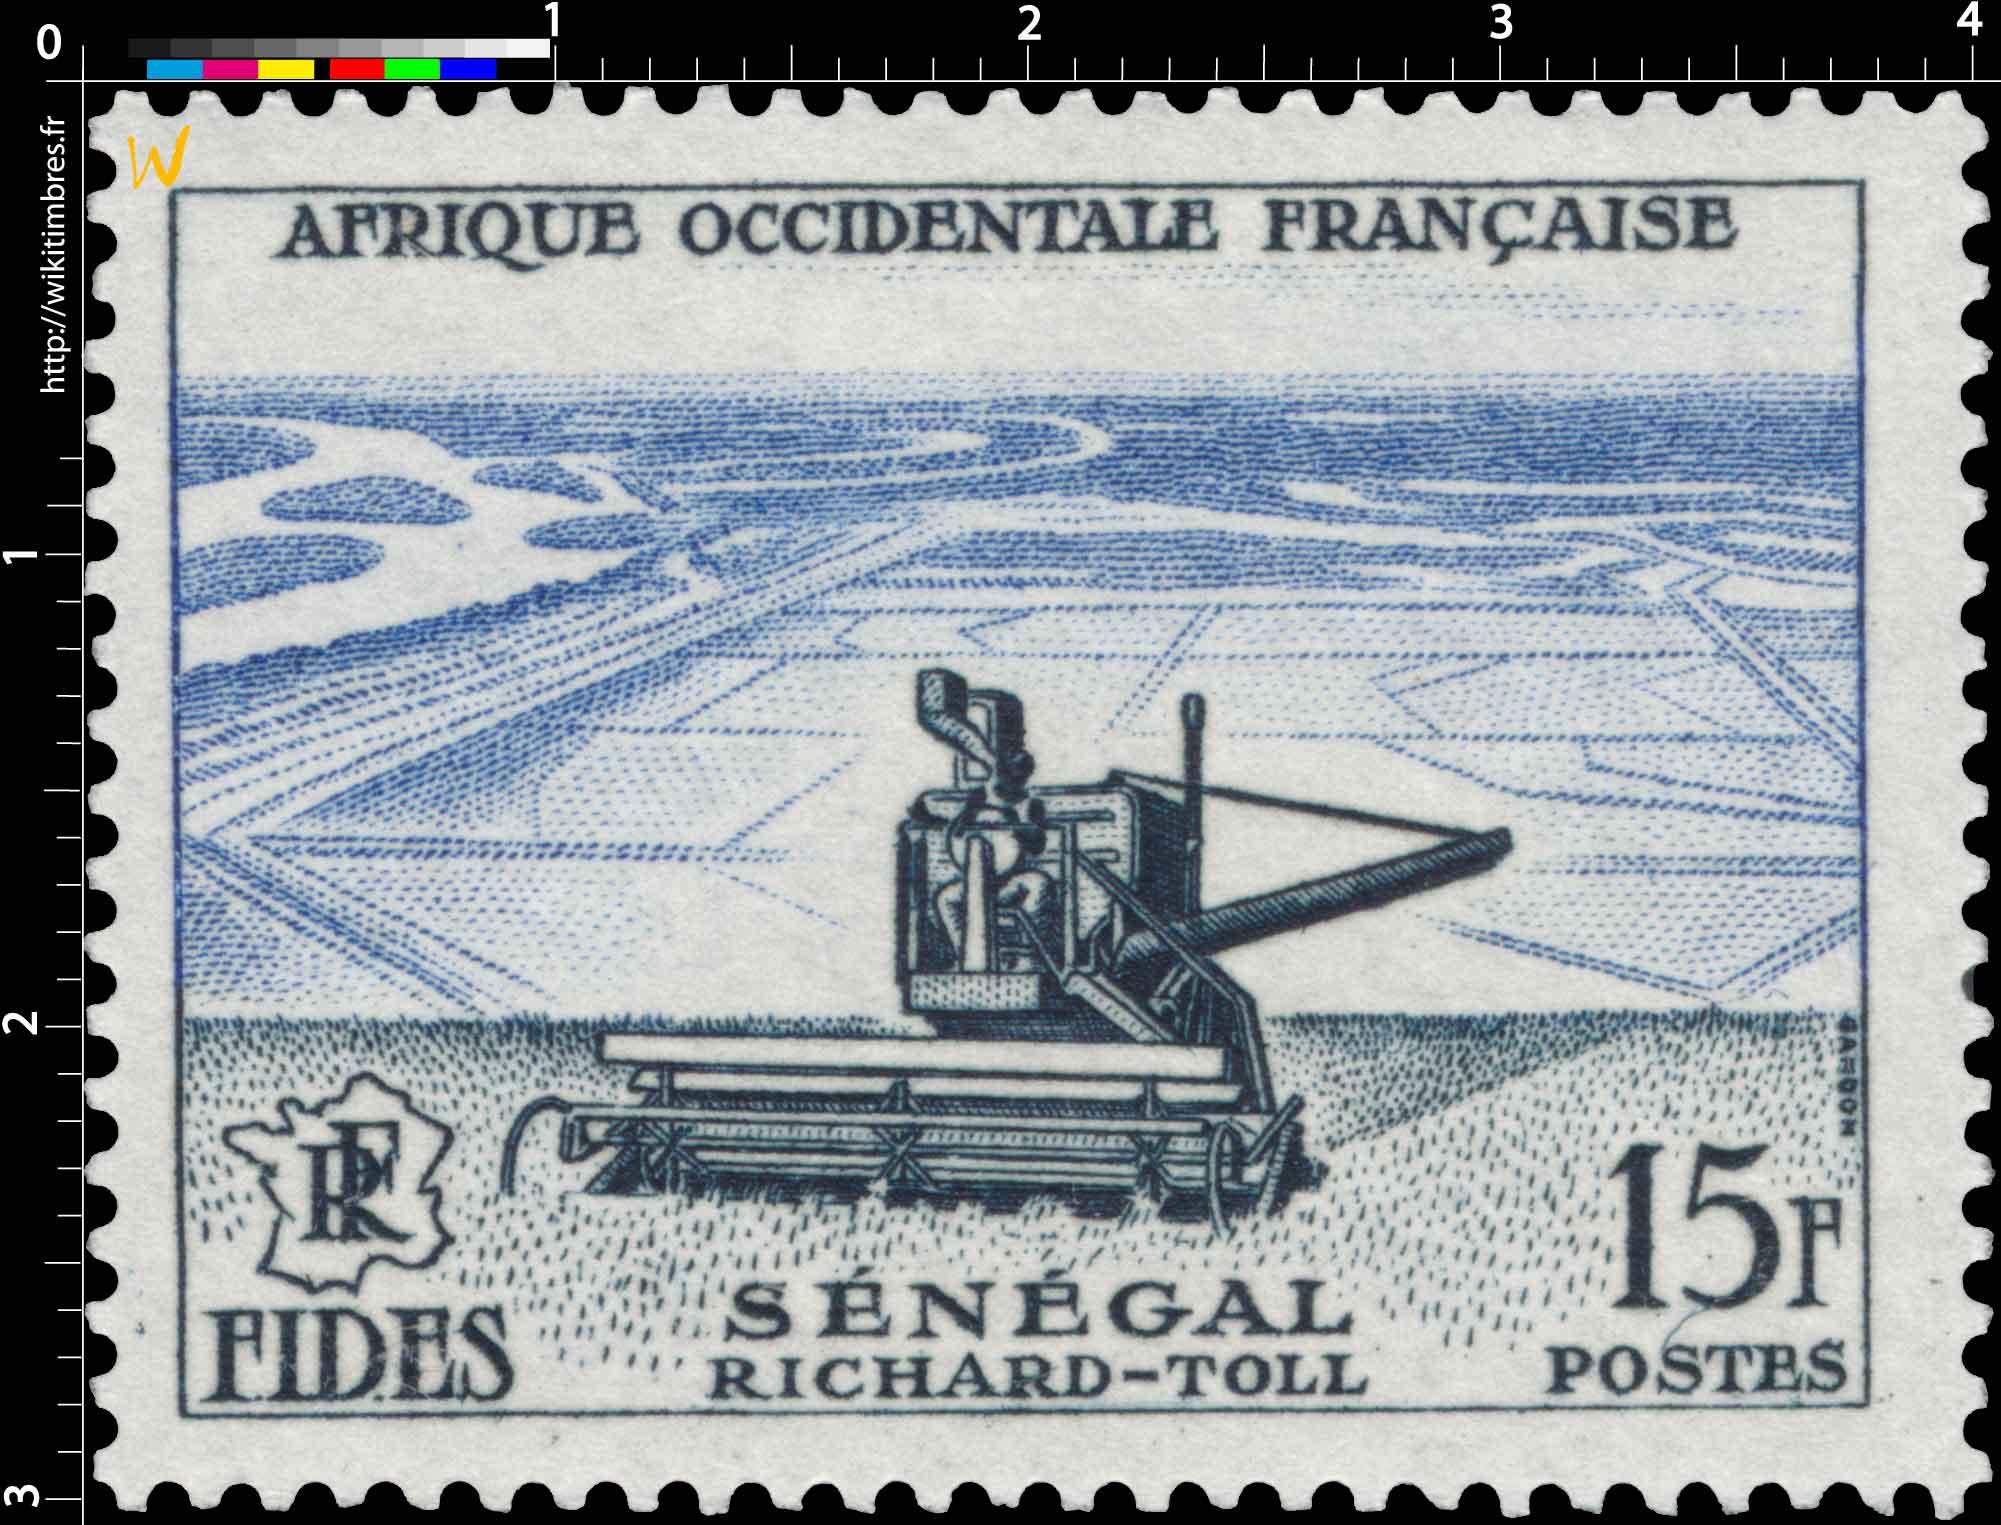 Afrique Occidentale Française - F.I.D.E.S. - Richard-Toll Sénégal